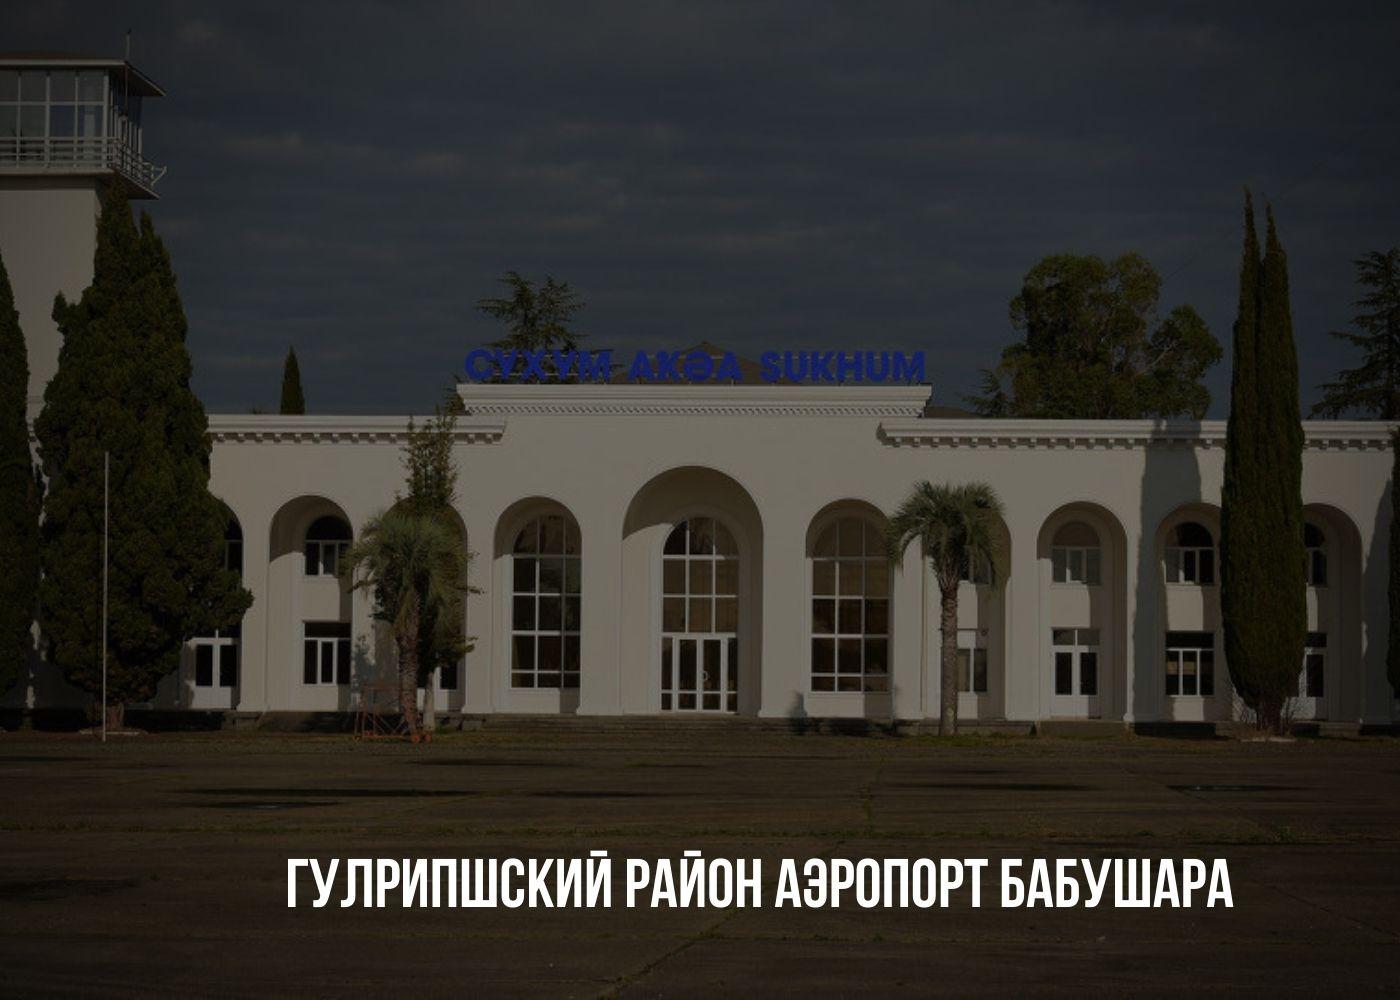 gulripshskiy-raion-babushara